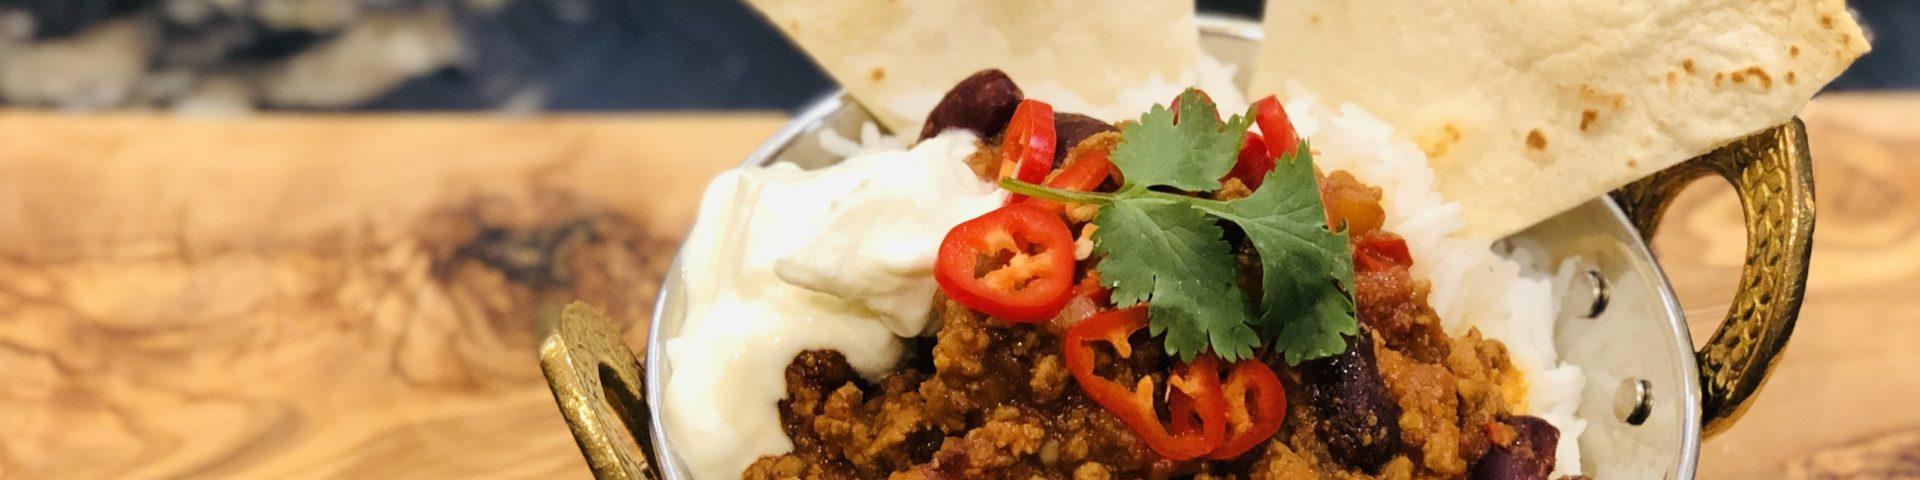 Chilli con carne recipe - The Food Beaver